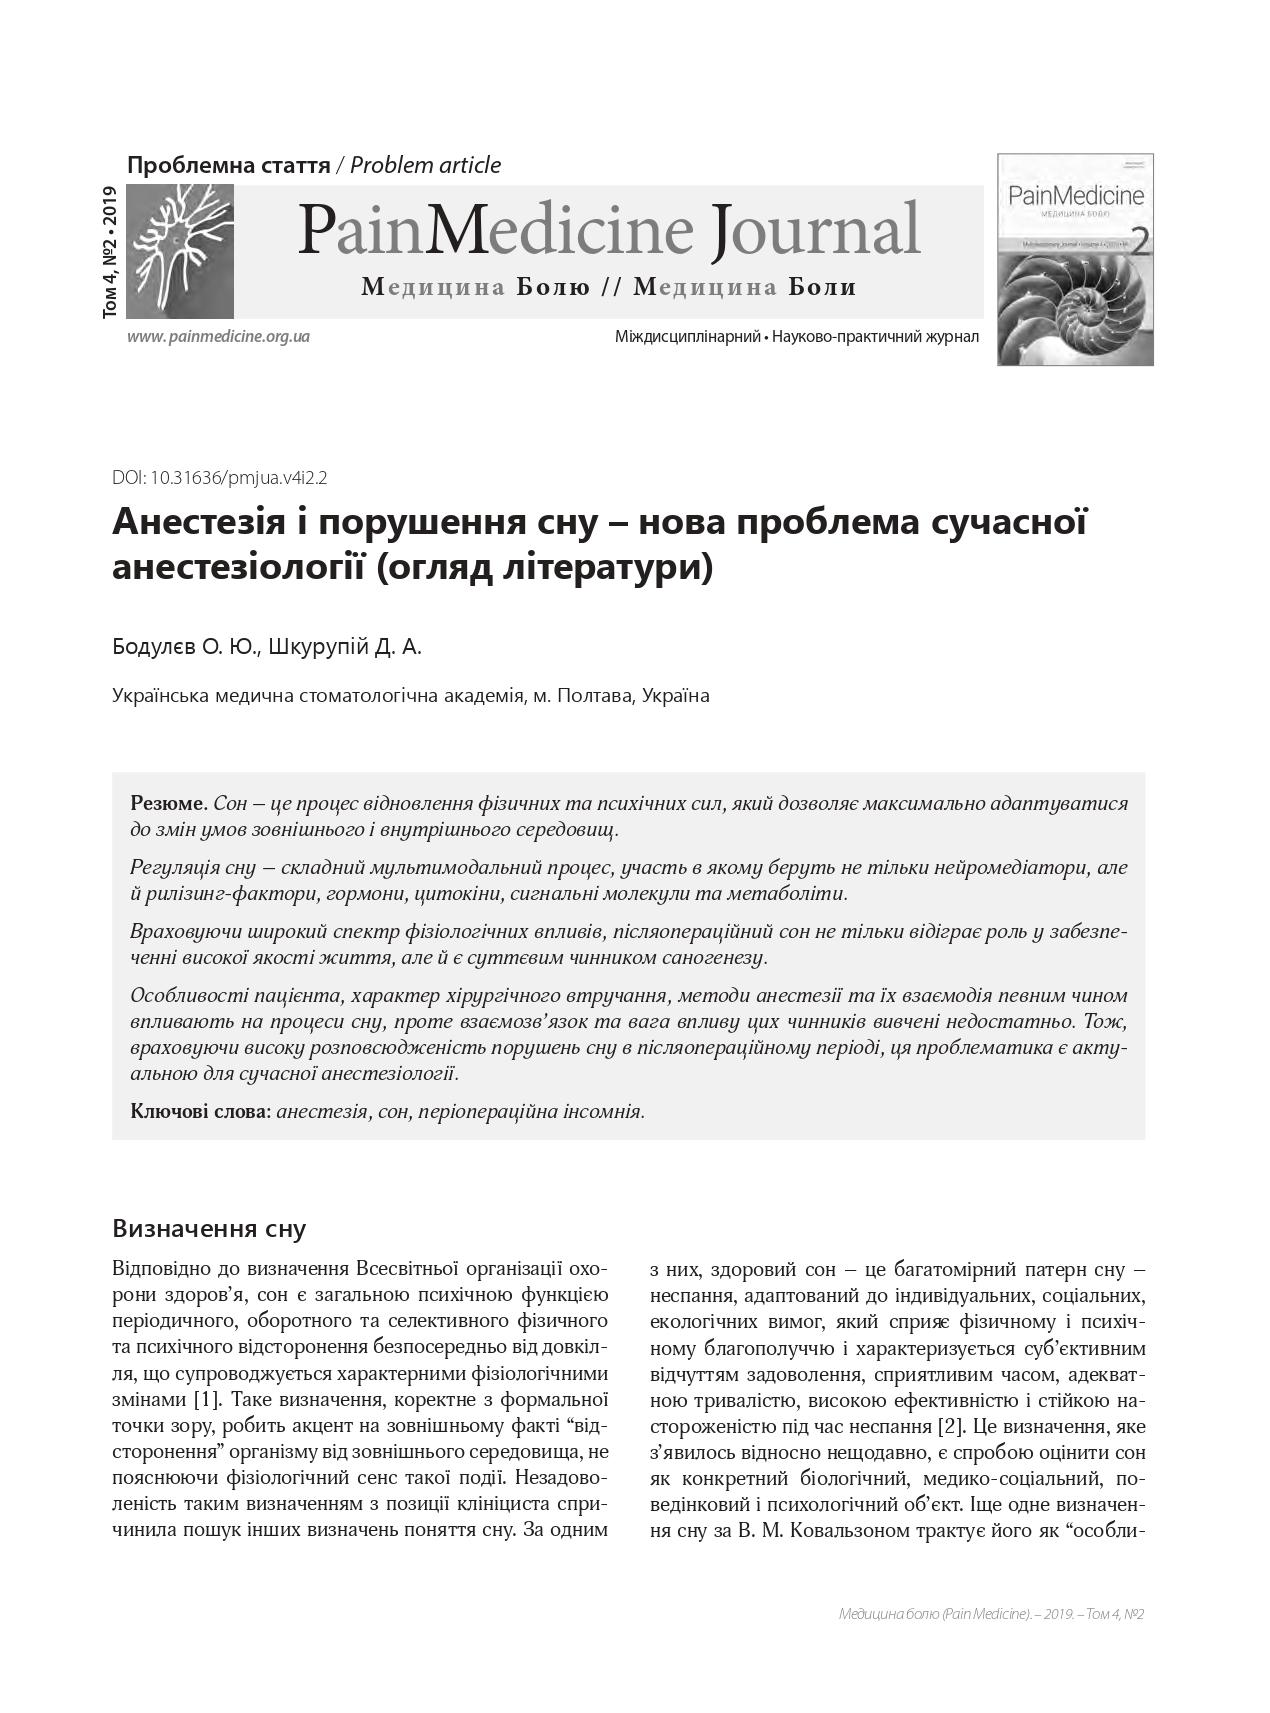 Анестезія і порушення сну – нова проблема сучасної анестезіології (огляд літератури)